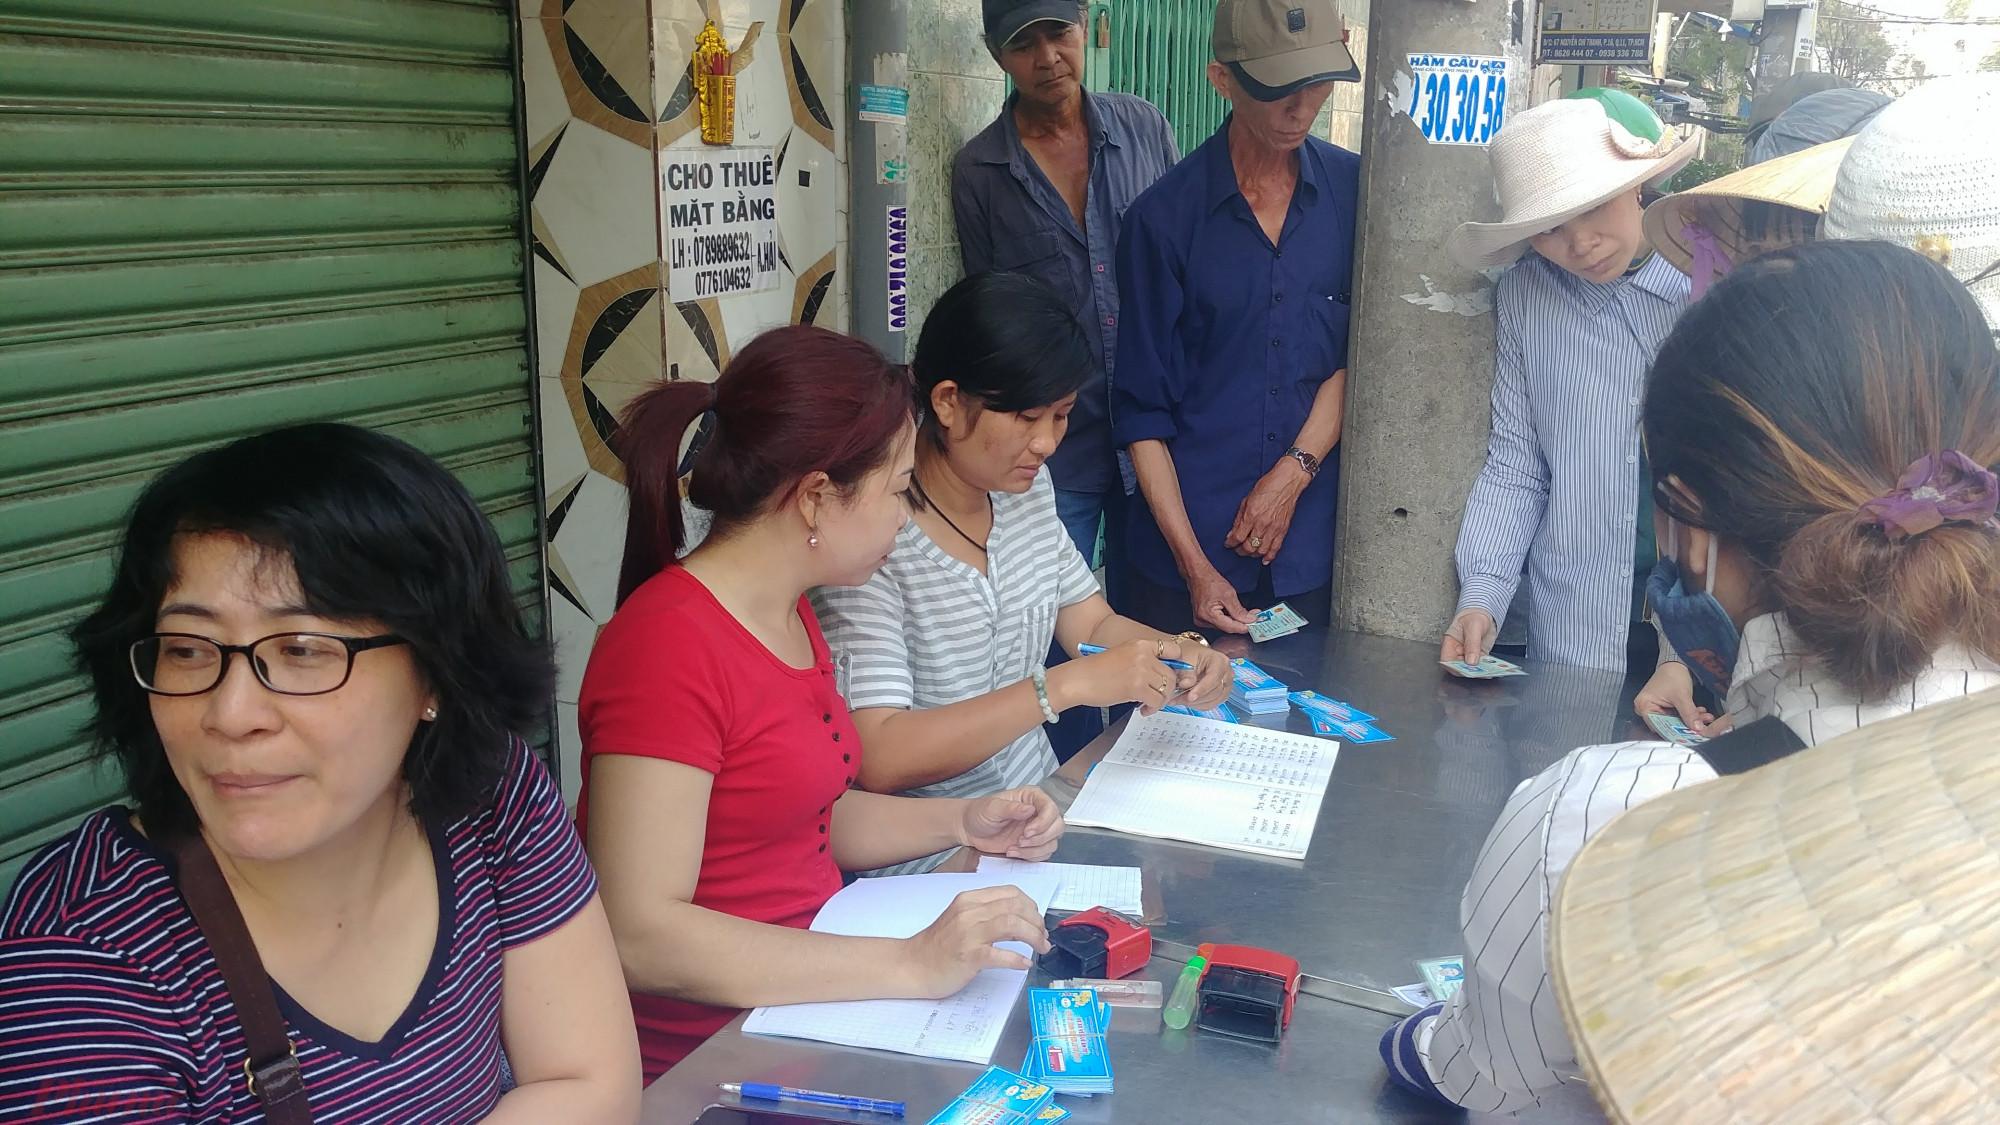 Tổ chức phát vé xe miễn phí cho nguoời lao động nghèo về quê đón Tết.